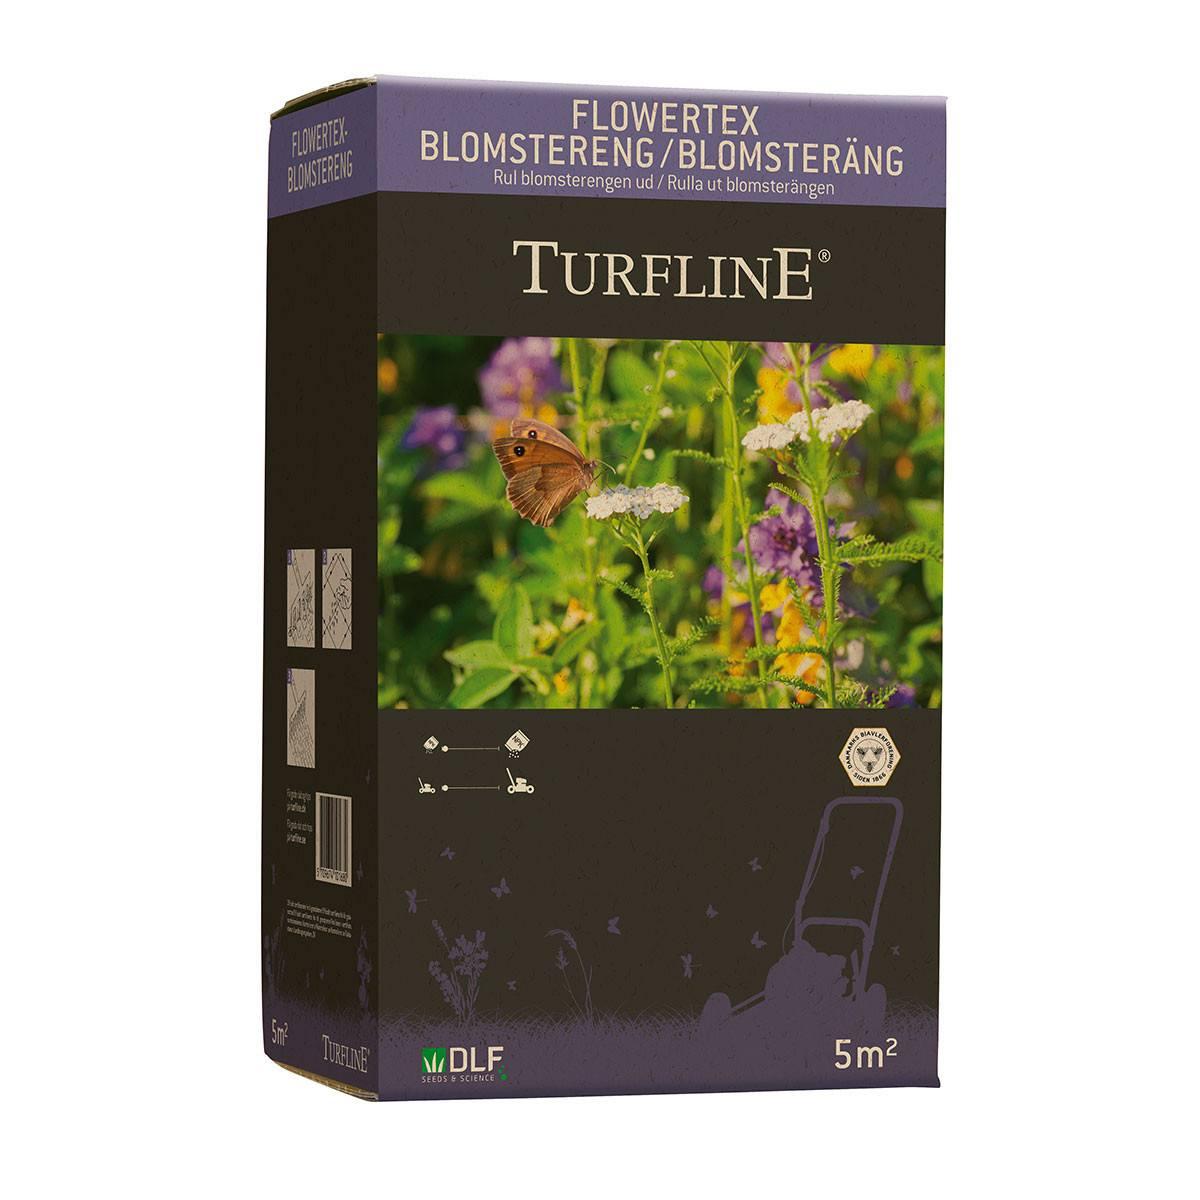 Turfline FlowerTex Blomstereng